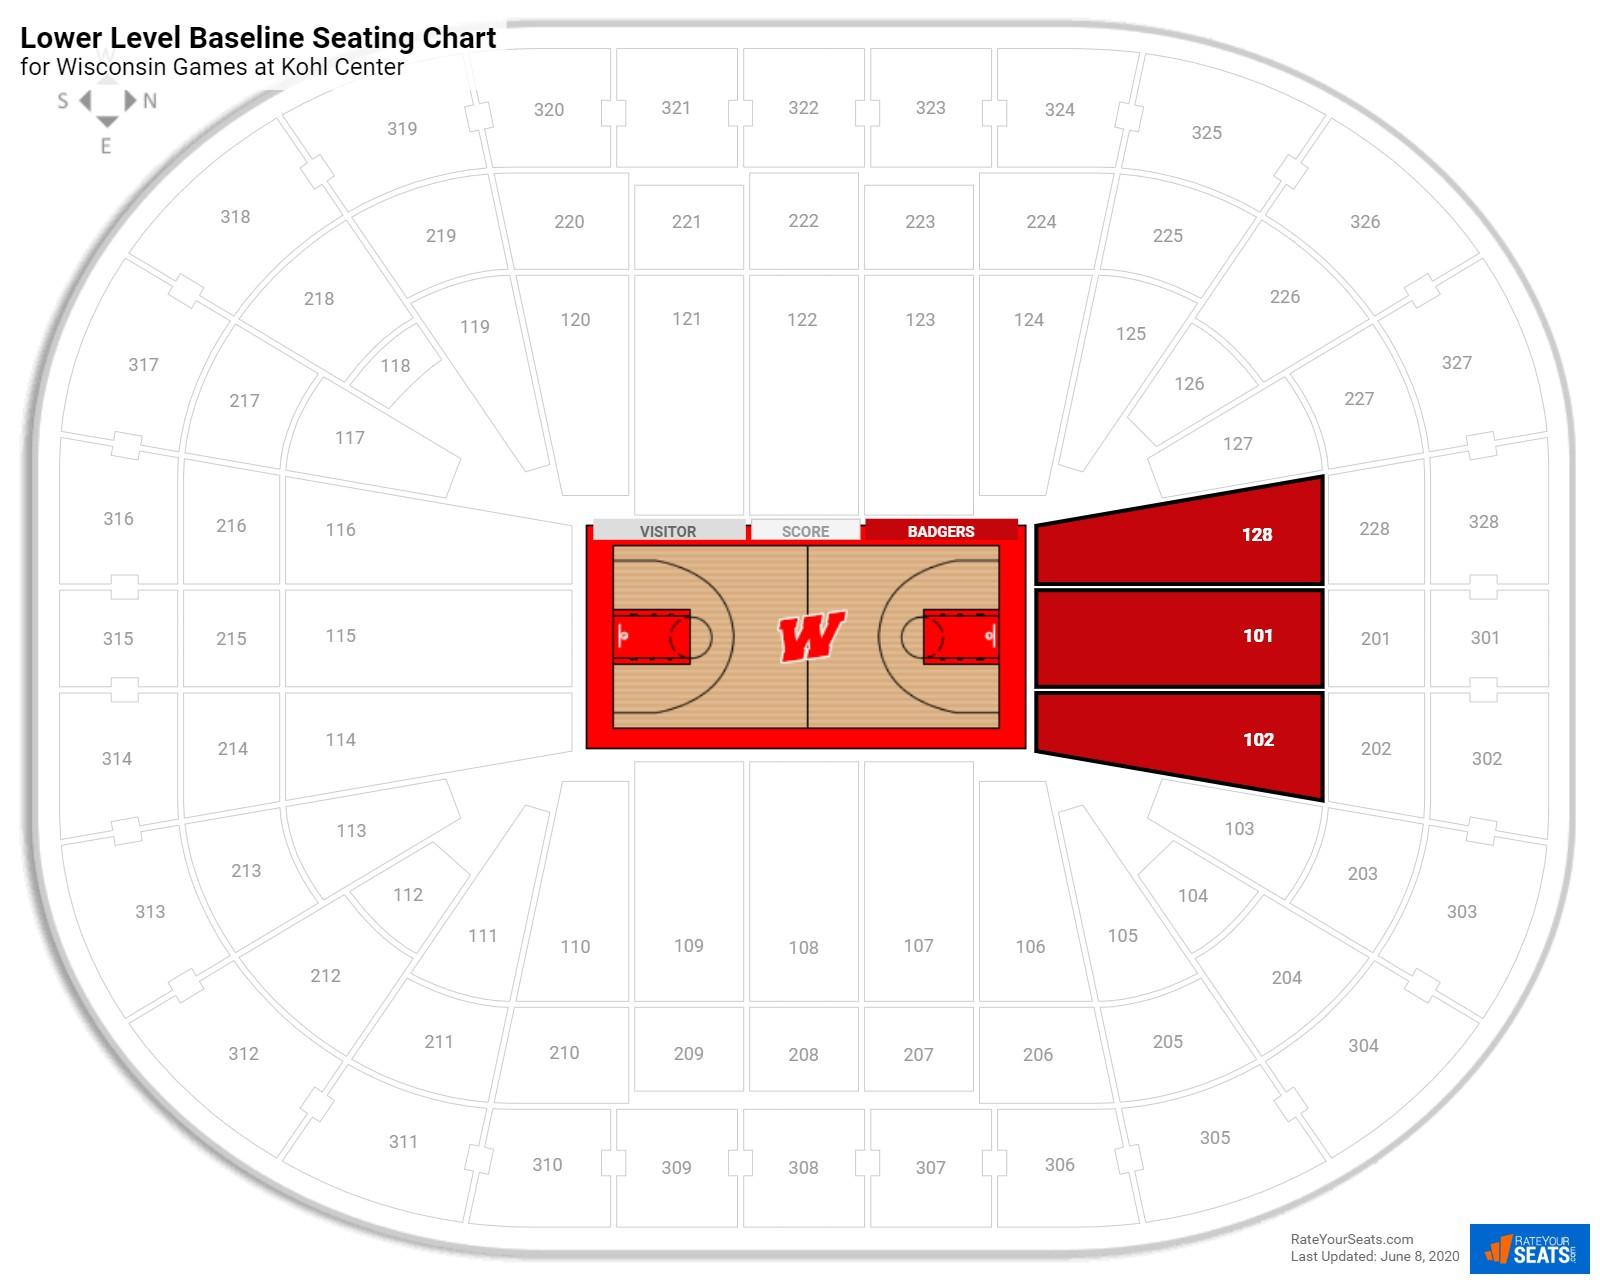 Kohl Center Lower Level Baseline Seating Chart